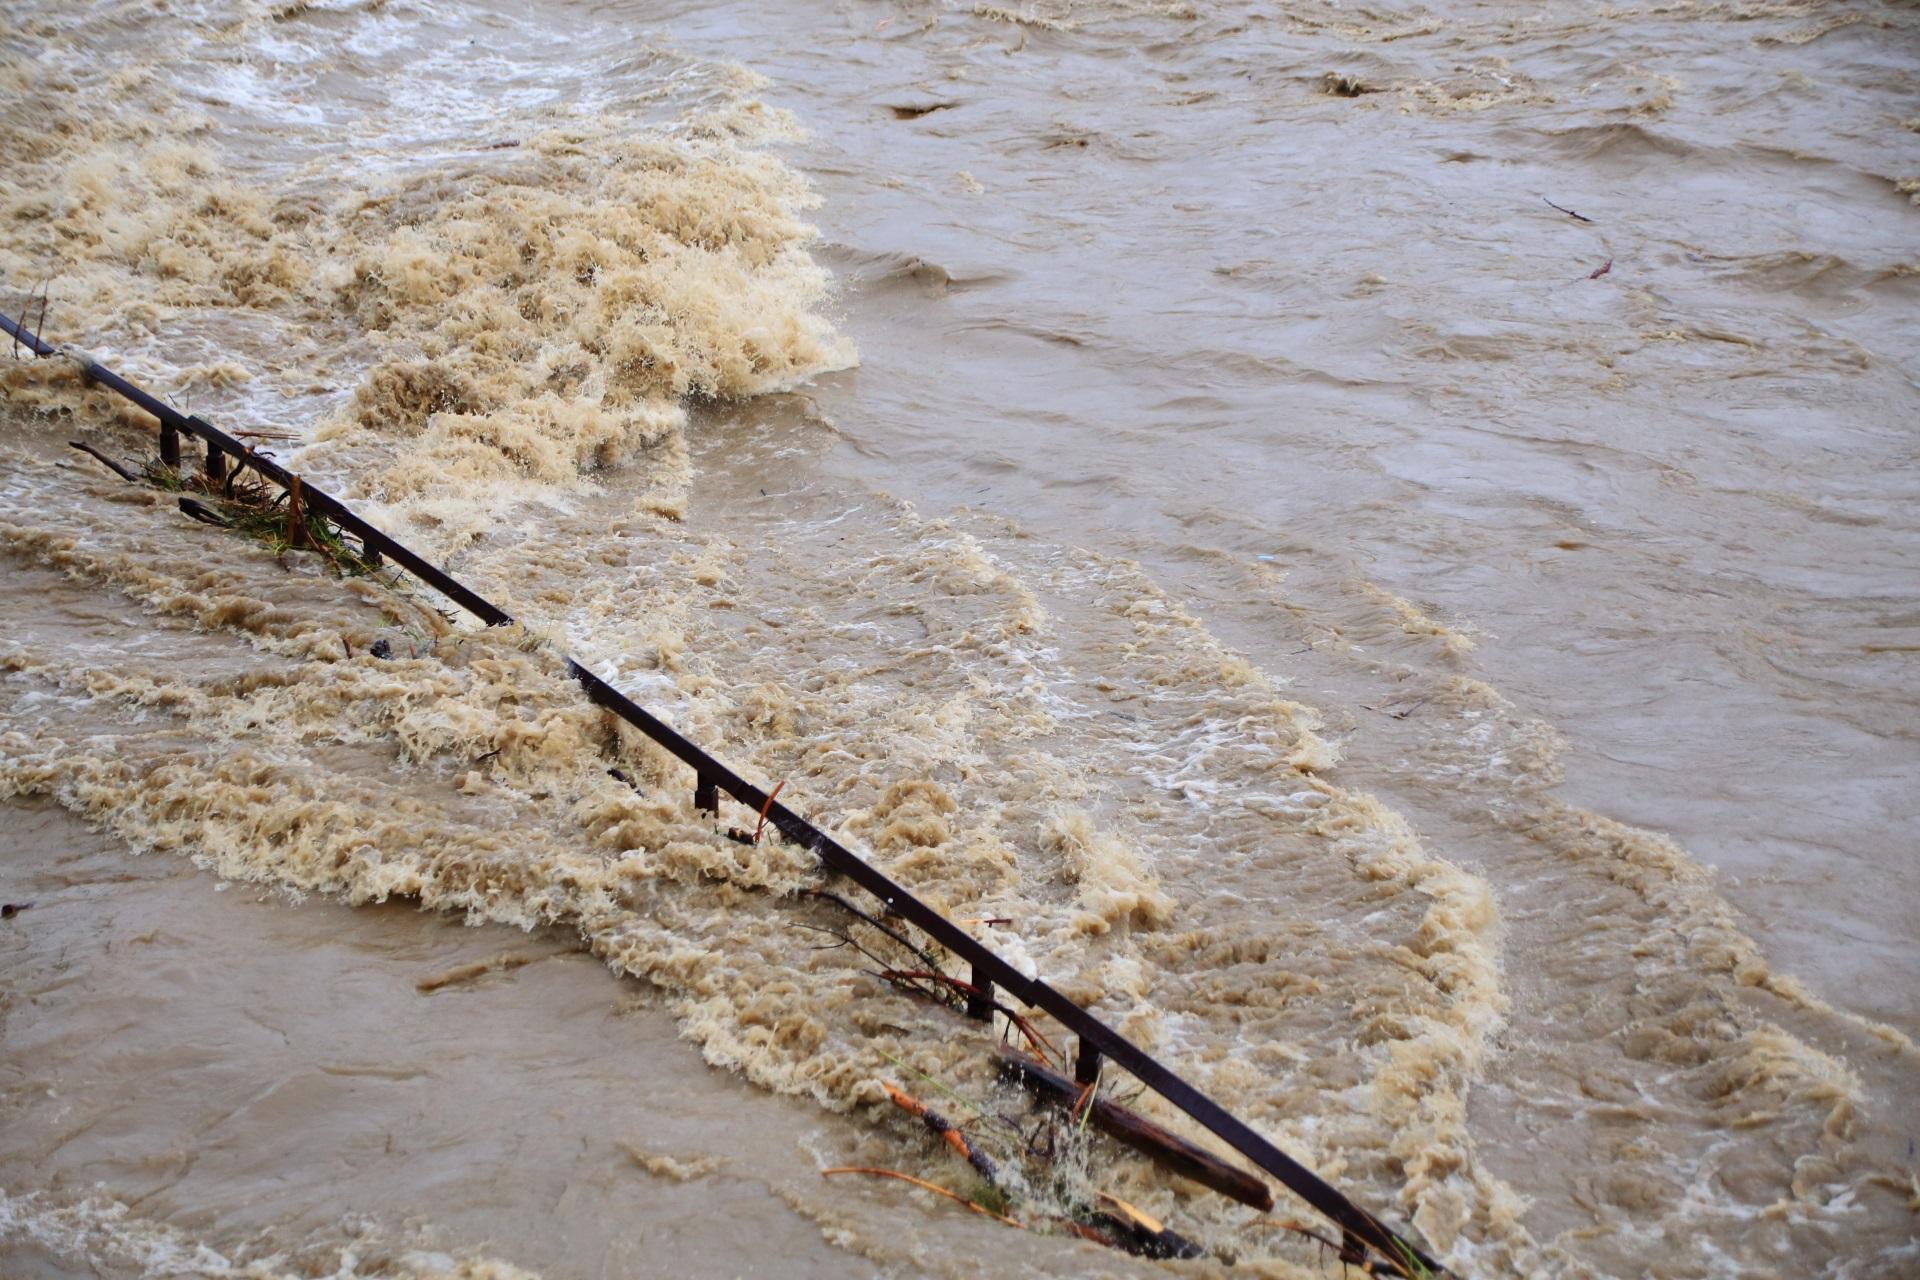 丸太なども引っかかる手すりに打ち付けられる鴨川の濁流